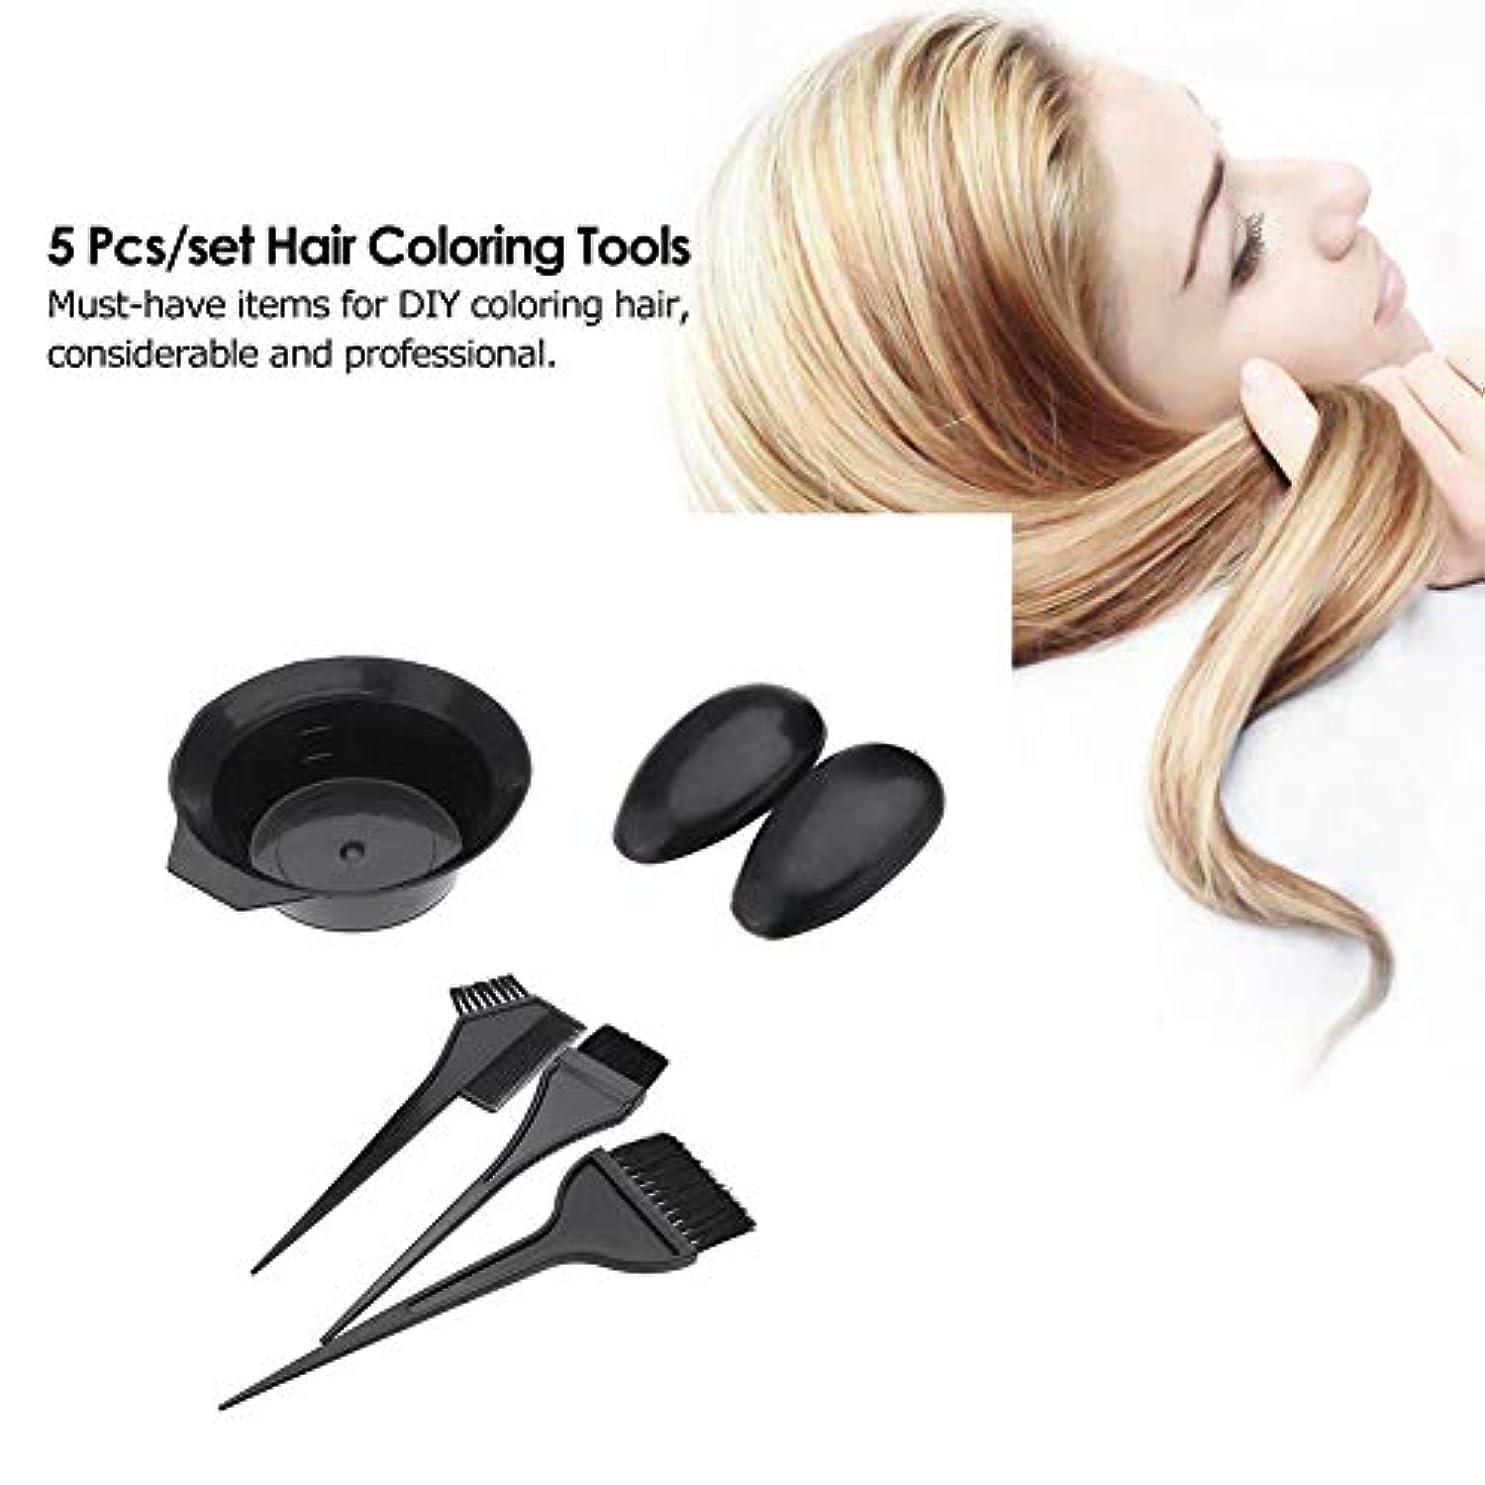 有名爆発バスヘア染色セットキット5ピース - diyプロフェッショナルヘアダイカラーミキシングボウルブラシ&くし - 黒理髪美容ツールアプリケーター色合い